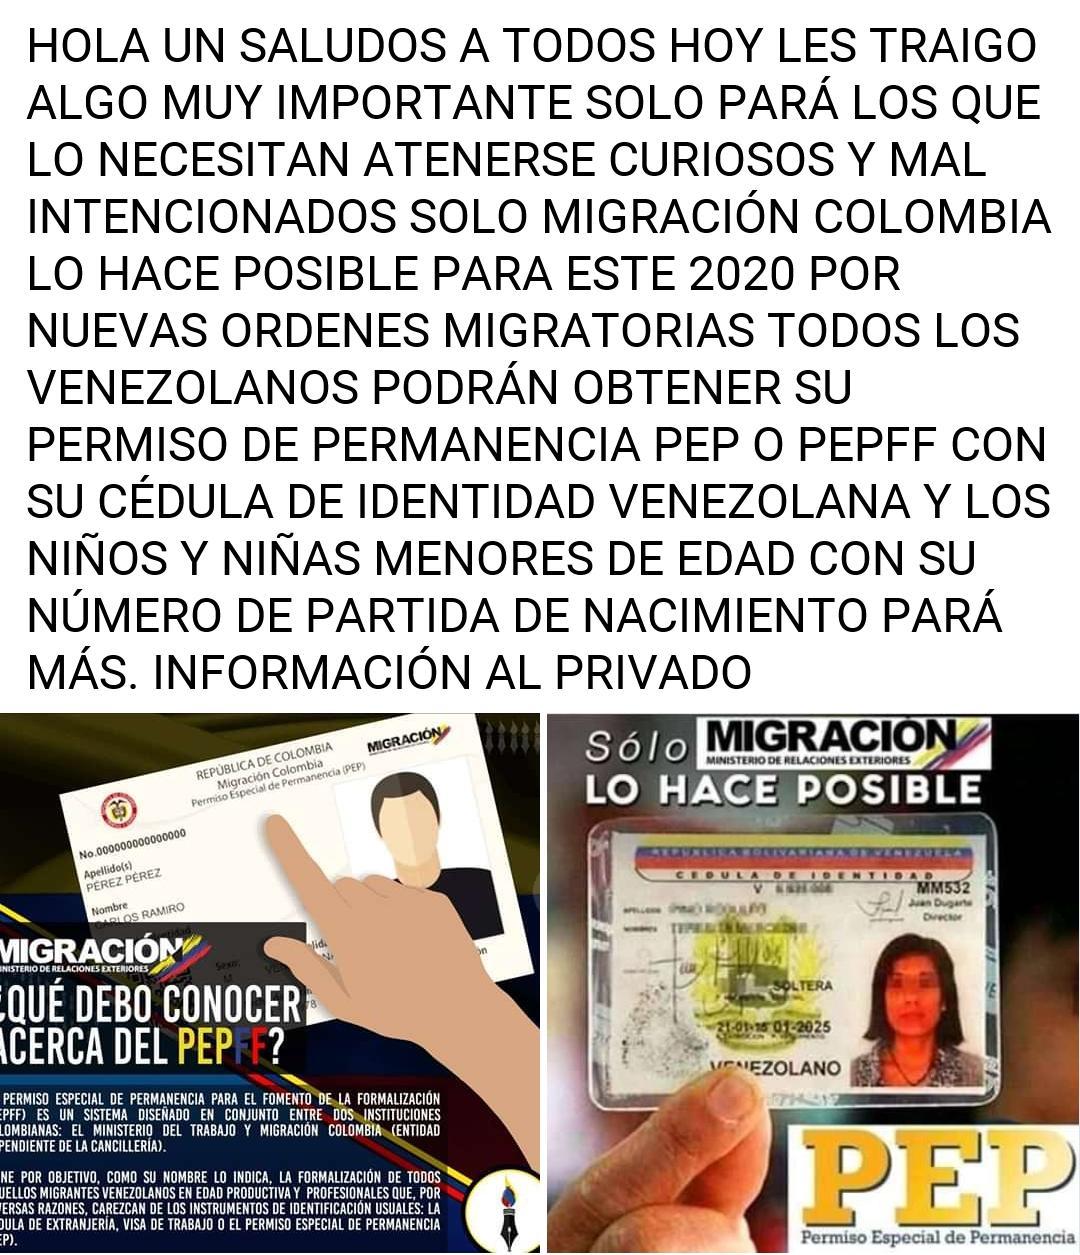 Emiten información falsas sobre PEP